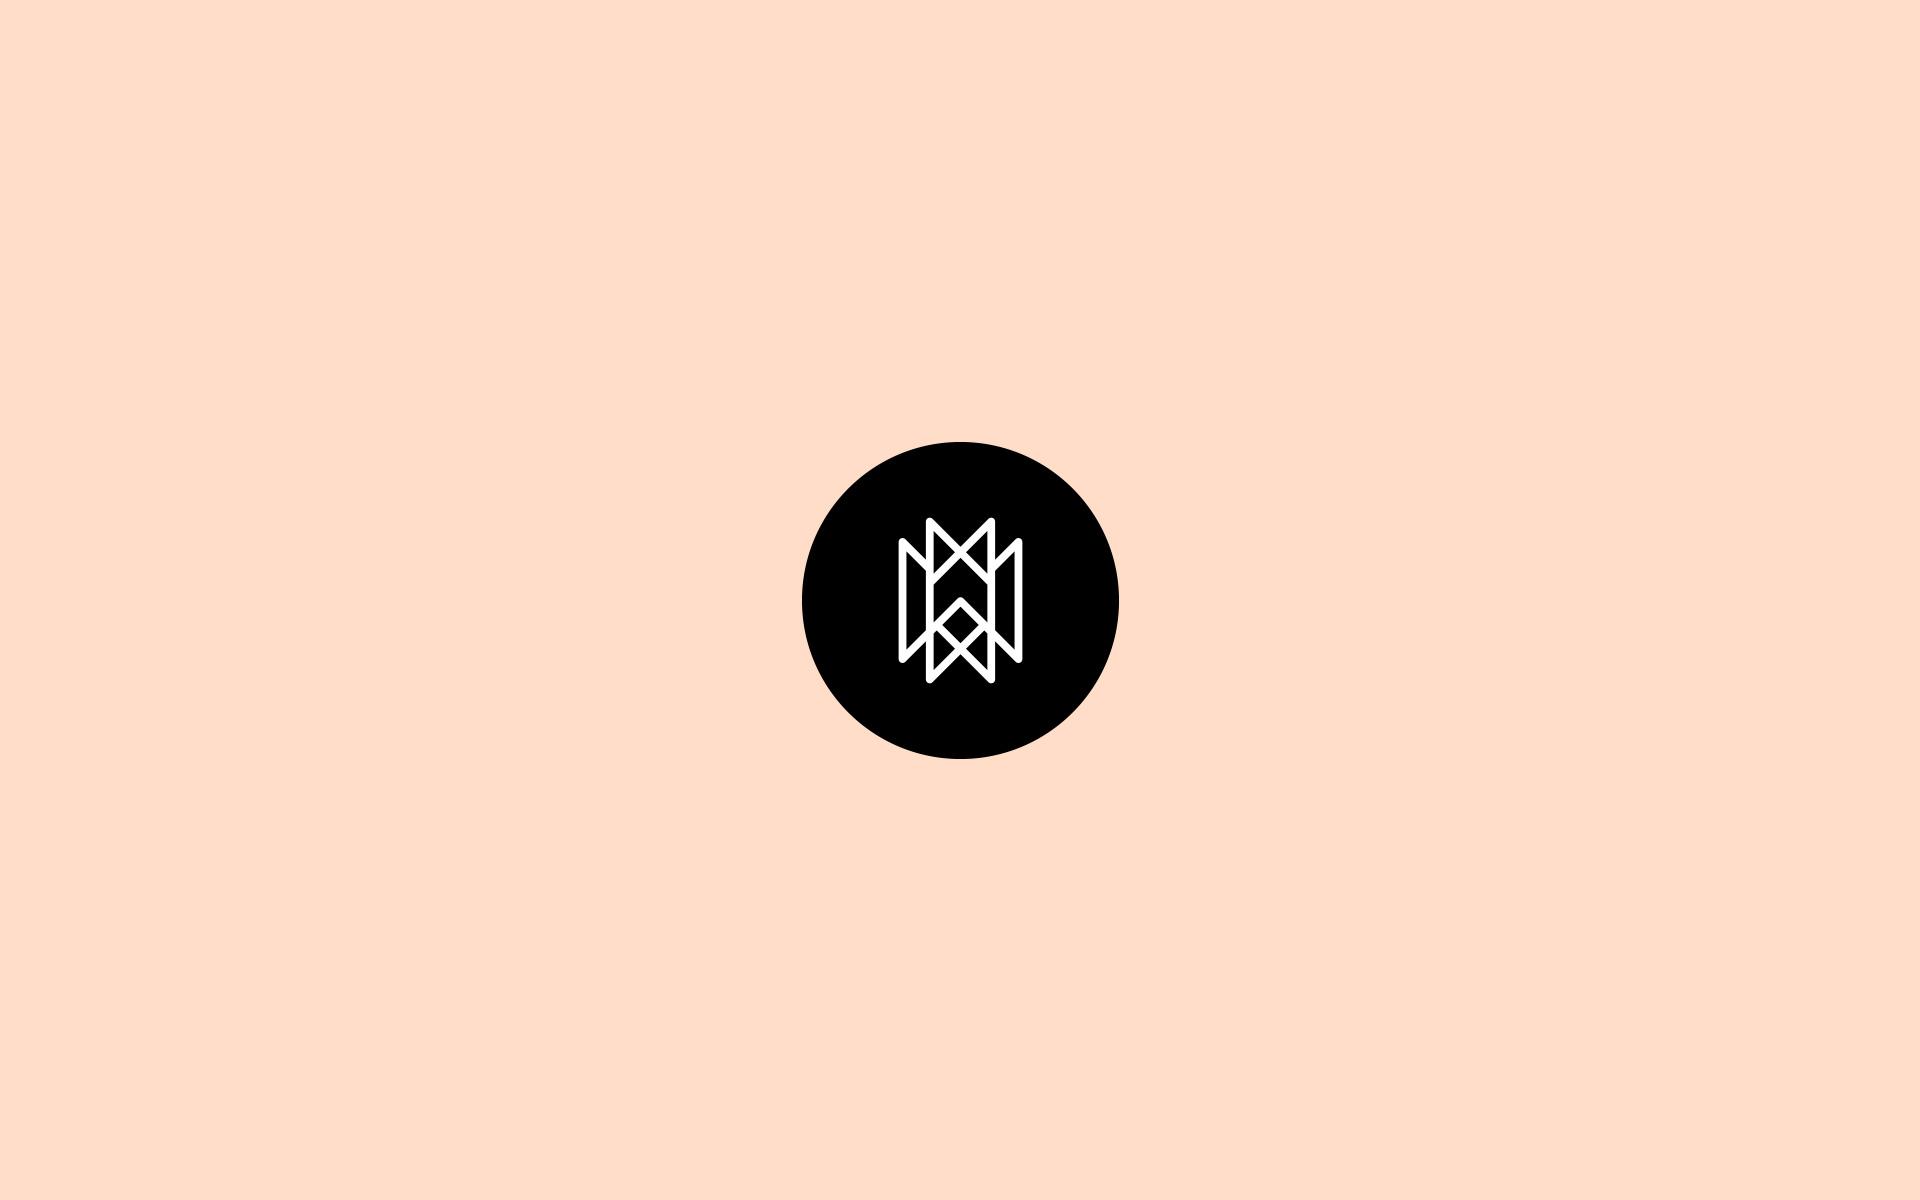 helene-chataigner-logo-symbol-big